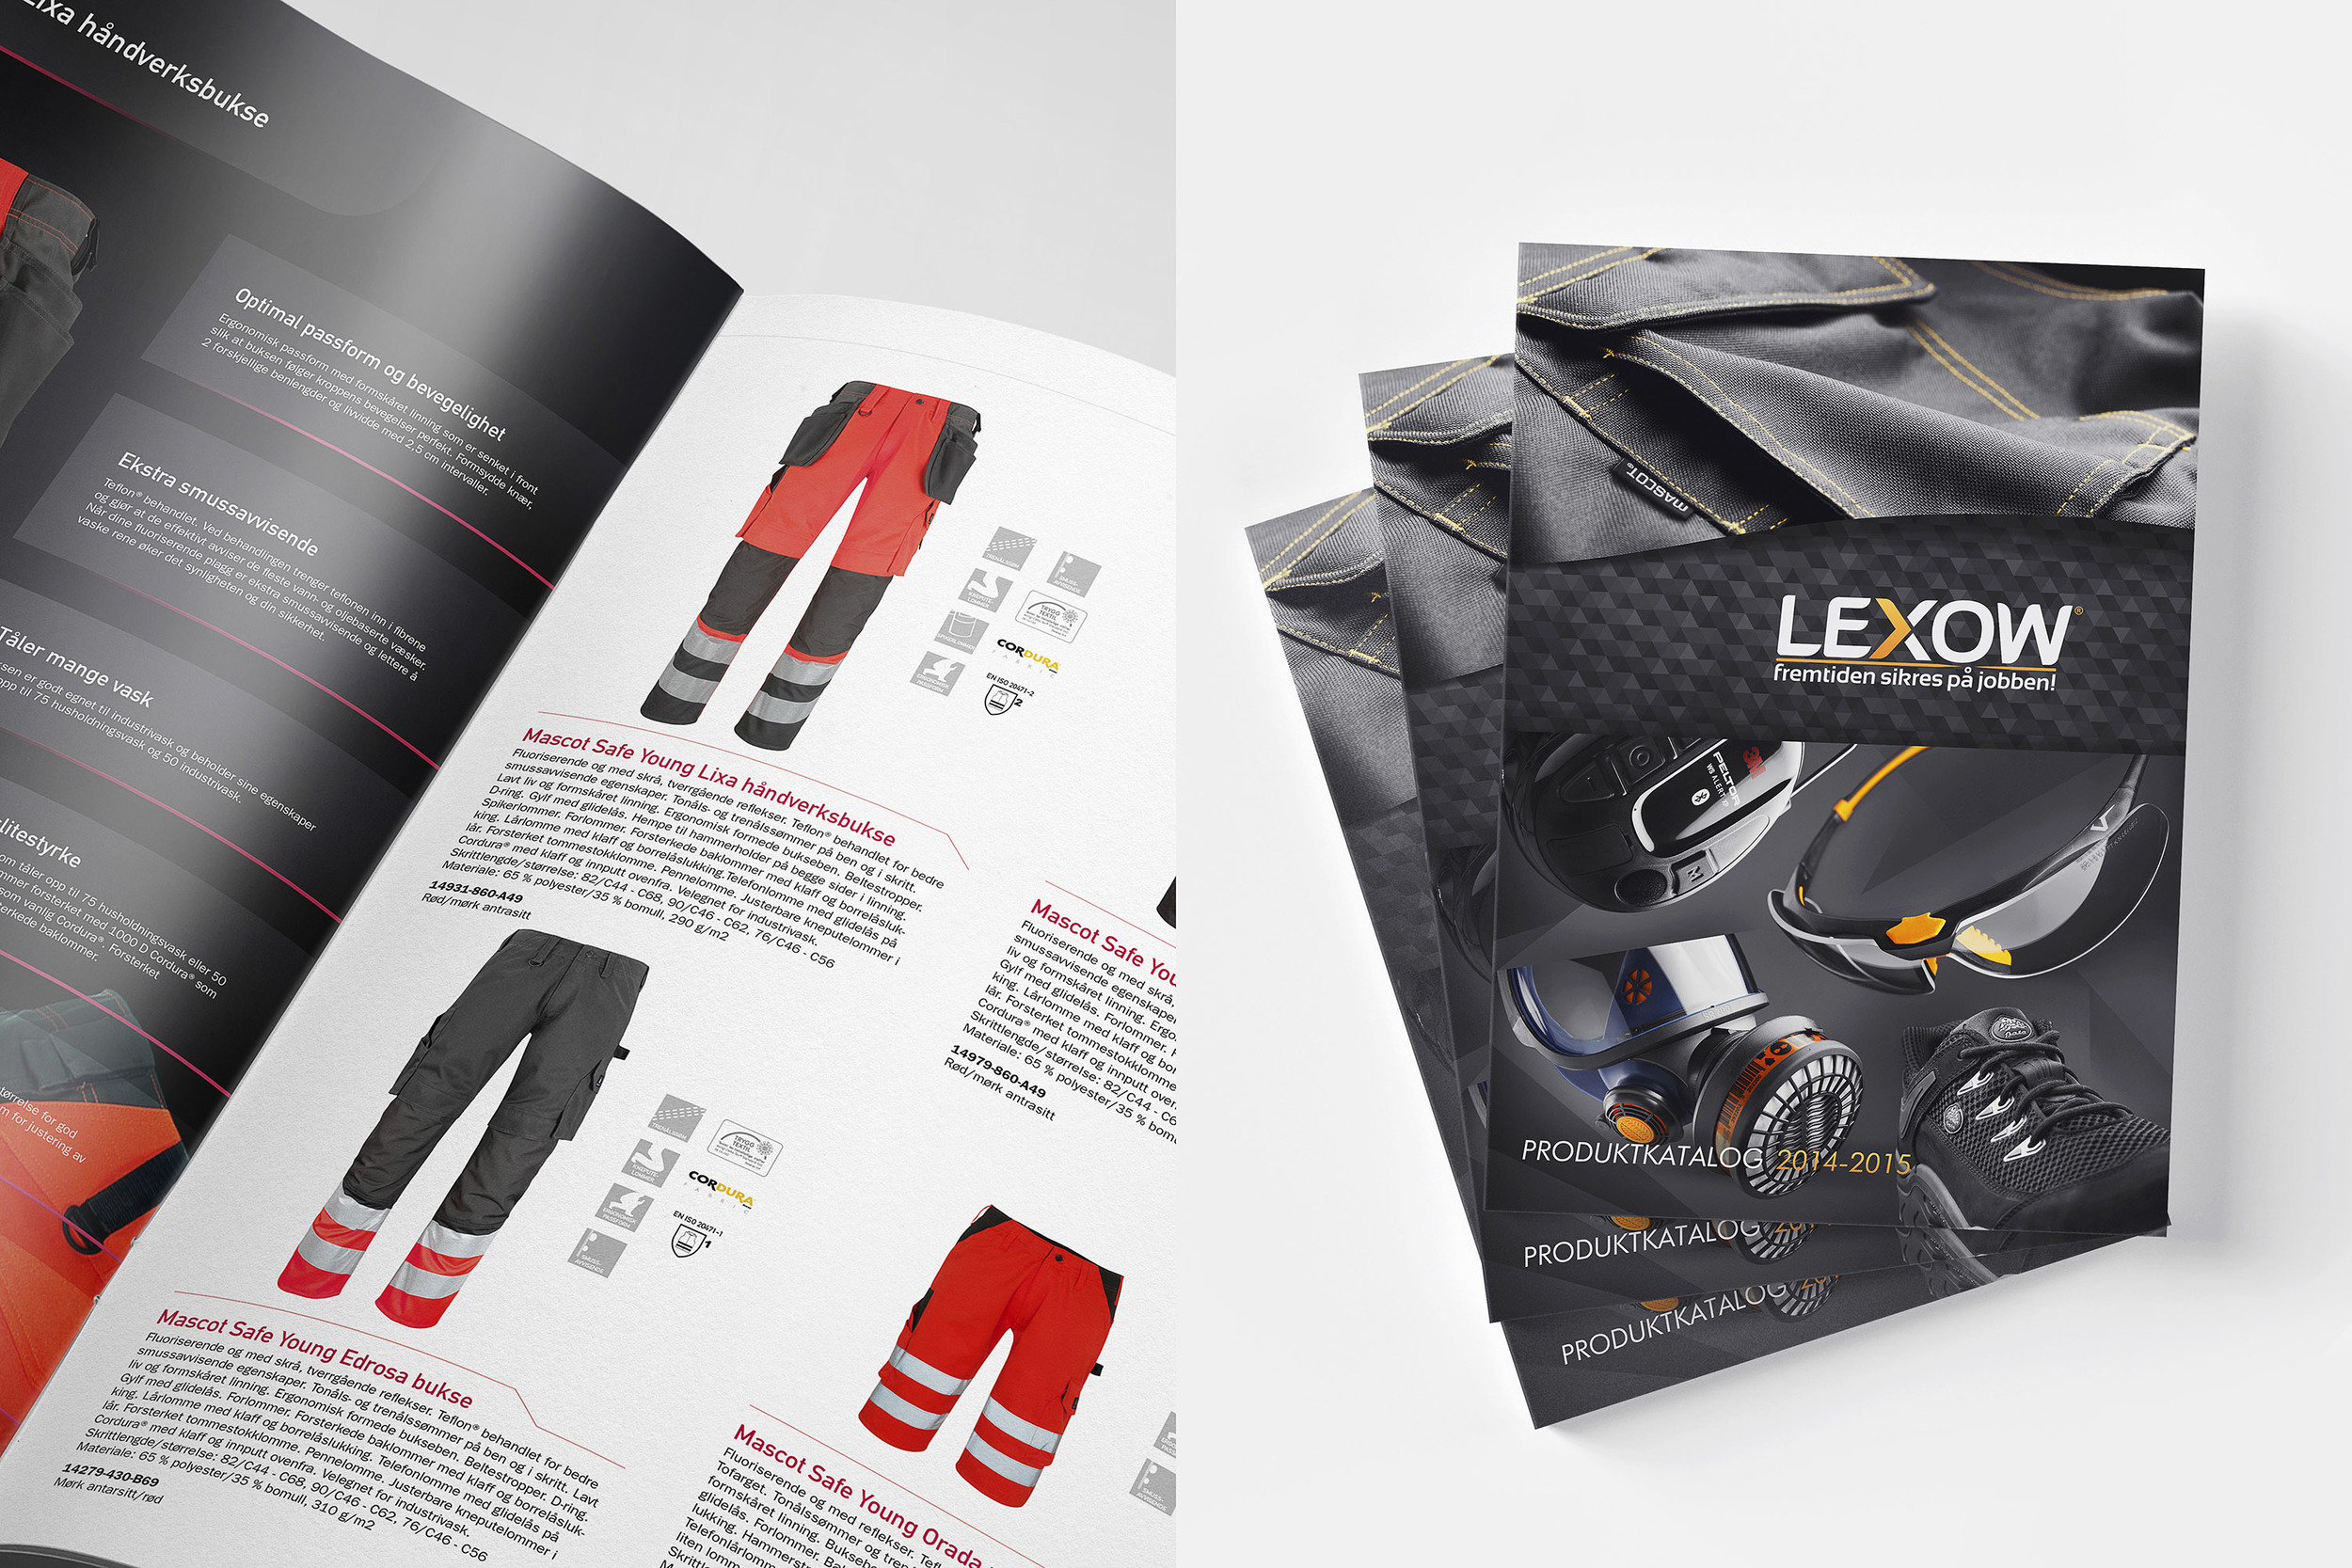 Lexow katalog